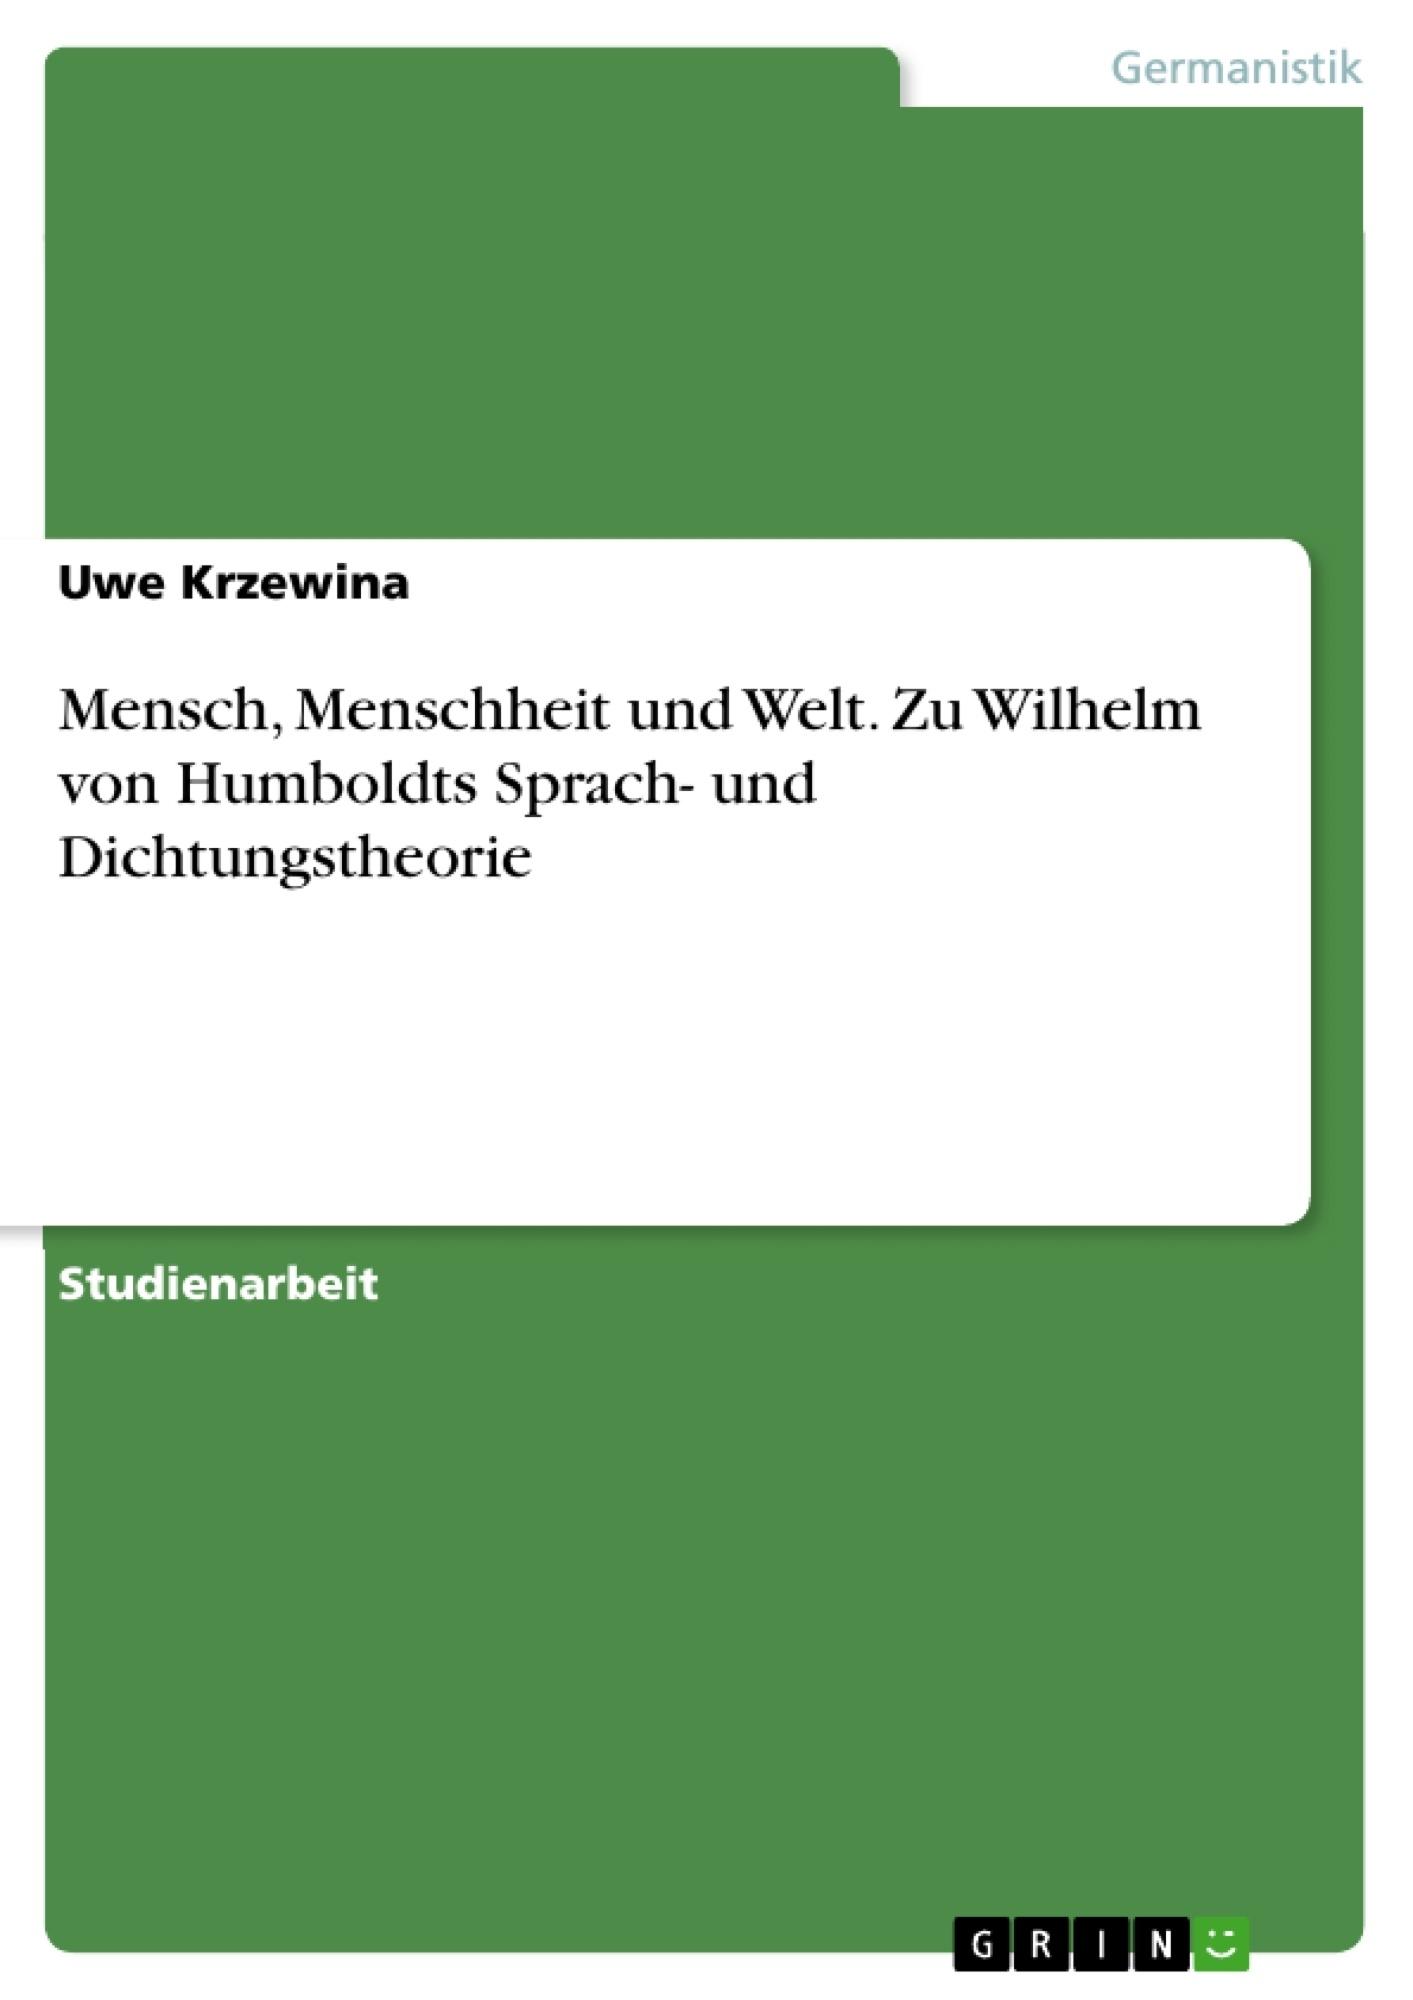 Titel: Mensch, Menschheit und Welt. Zu Wilhelm von Humboldts Sprach- und Dichtungstheorie